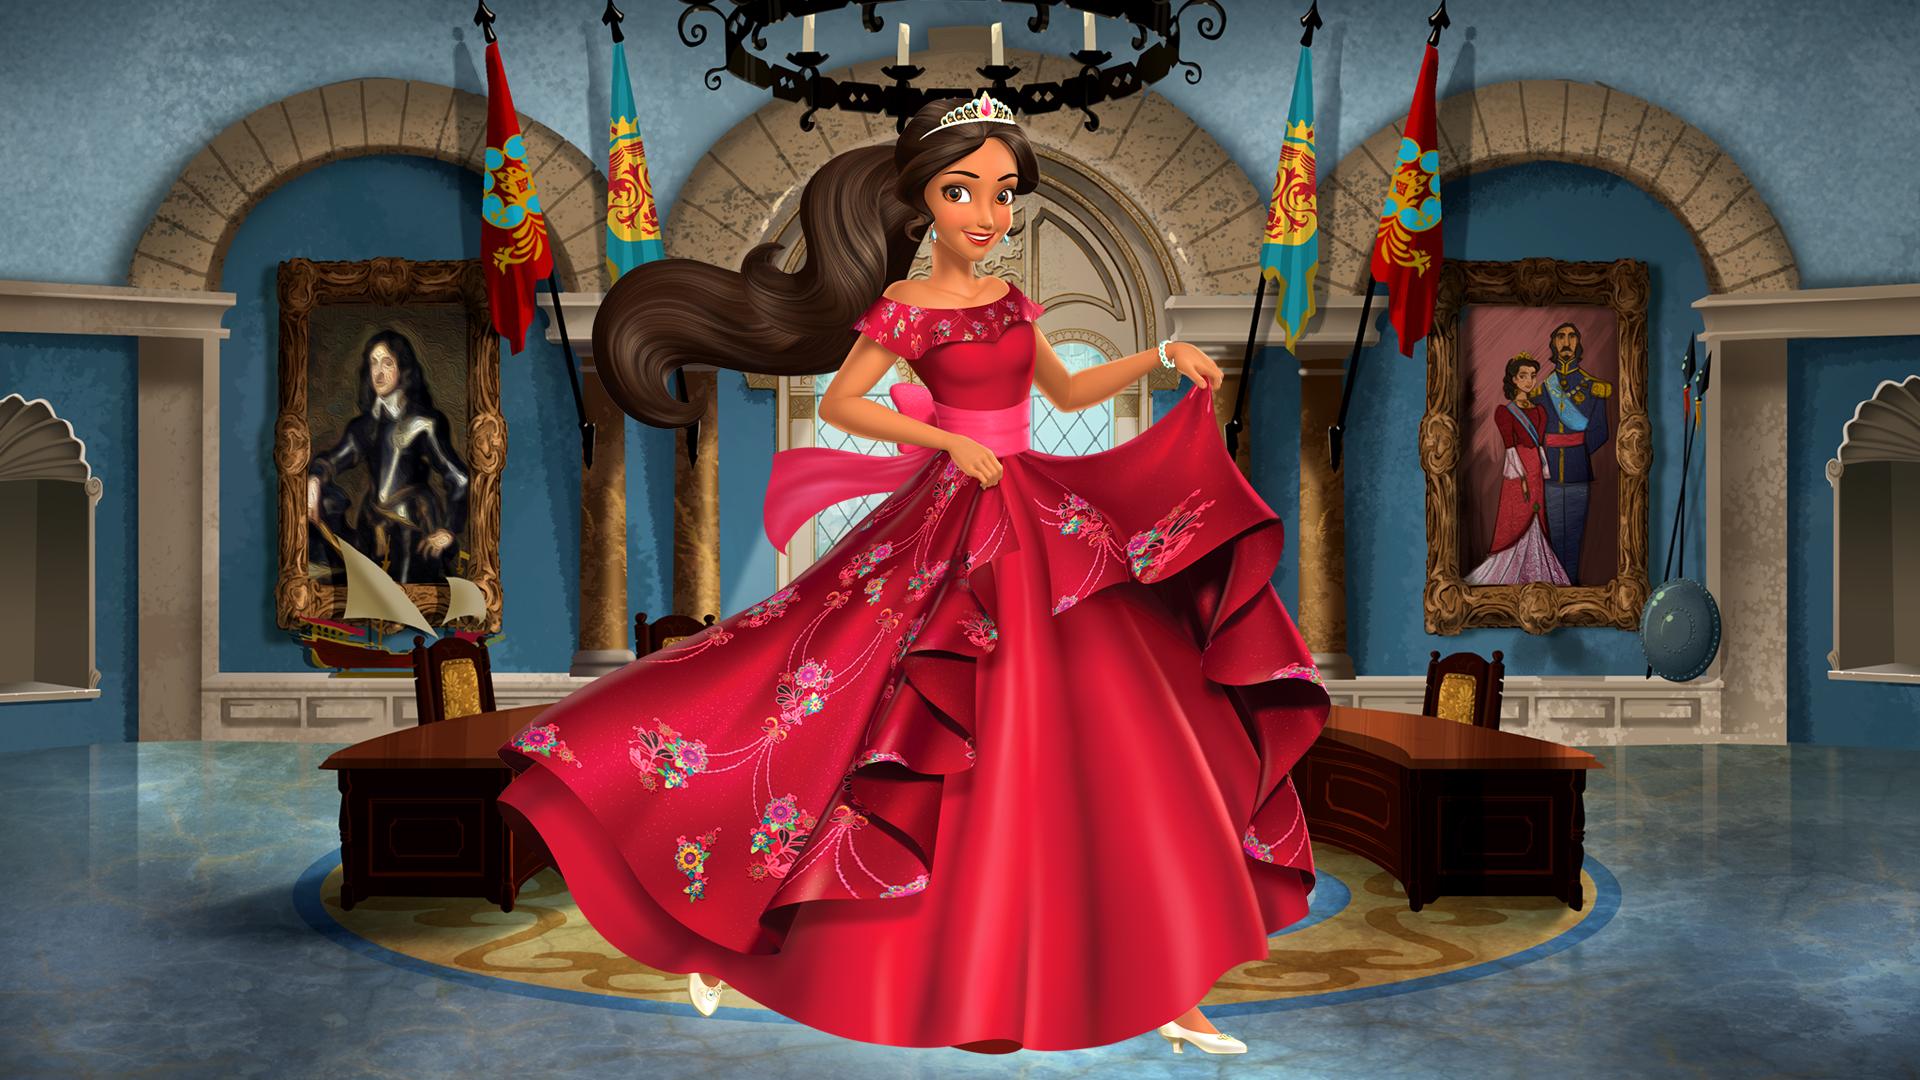 Елена из Авалора обои для рабочего стола - Елена принцесса ...